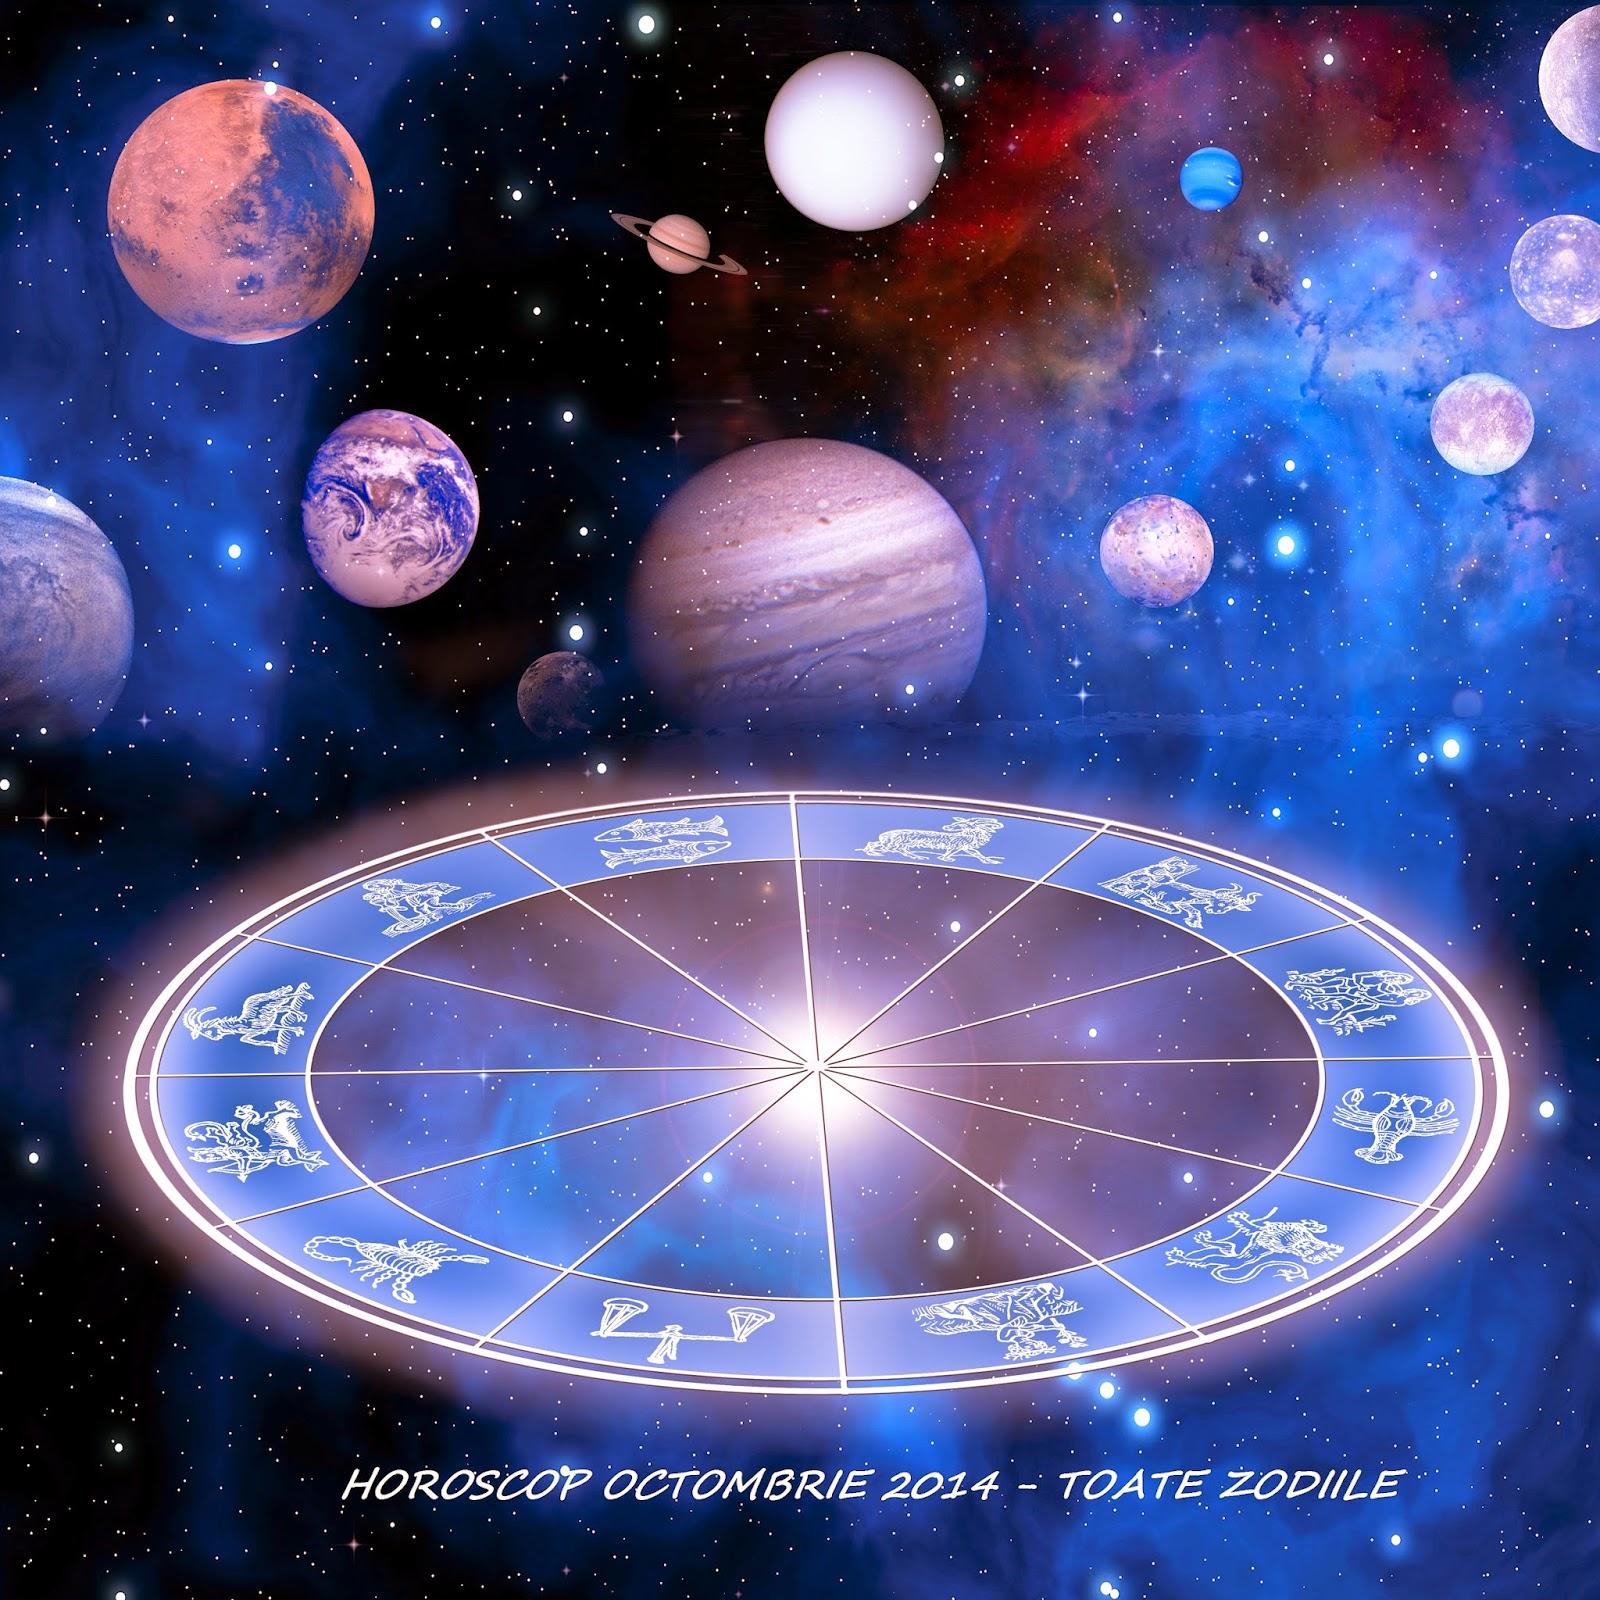 Horoscop octombrie 2014